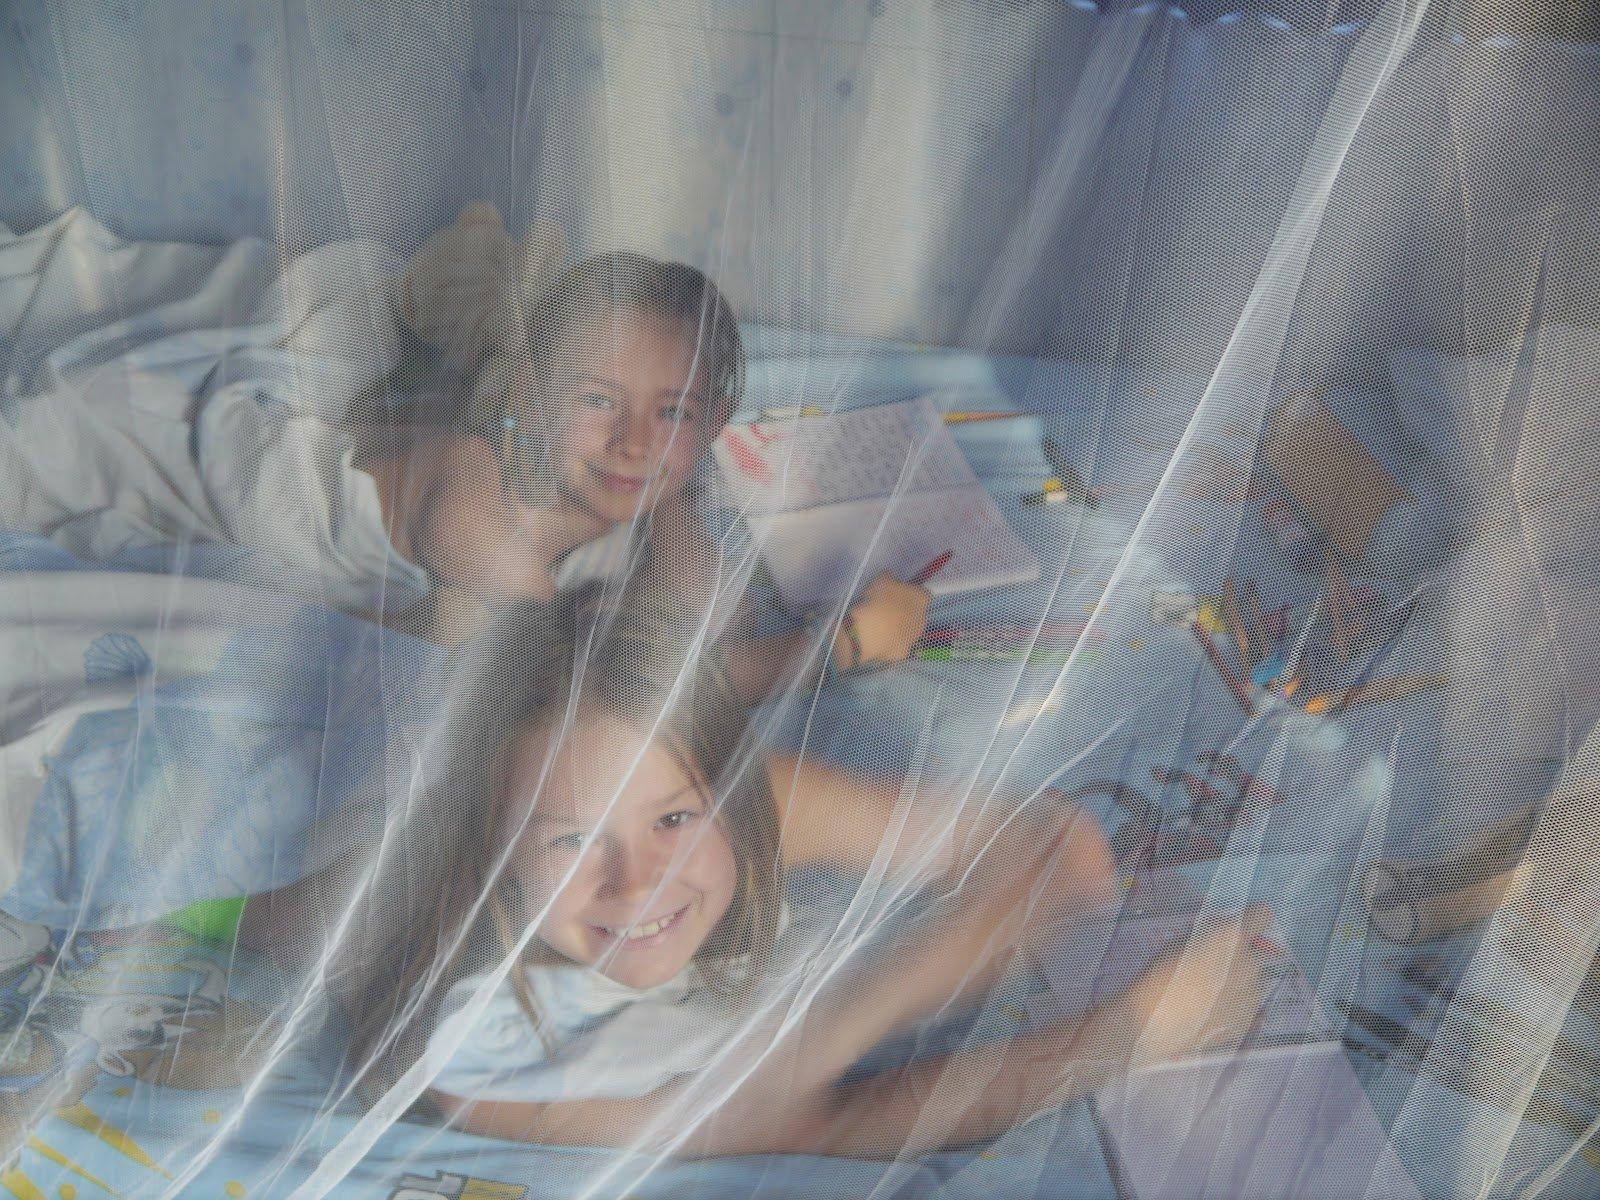 Vorbildlich: Jill und Joya lernen mit Mückenschutz © LDJJ